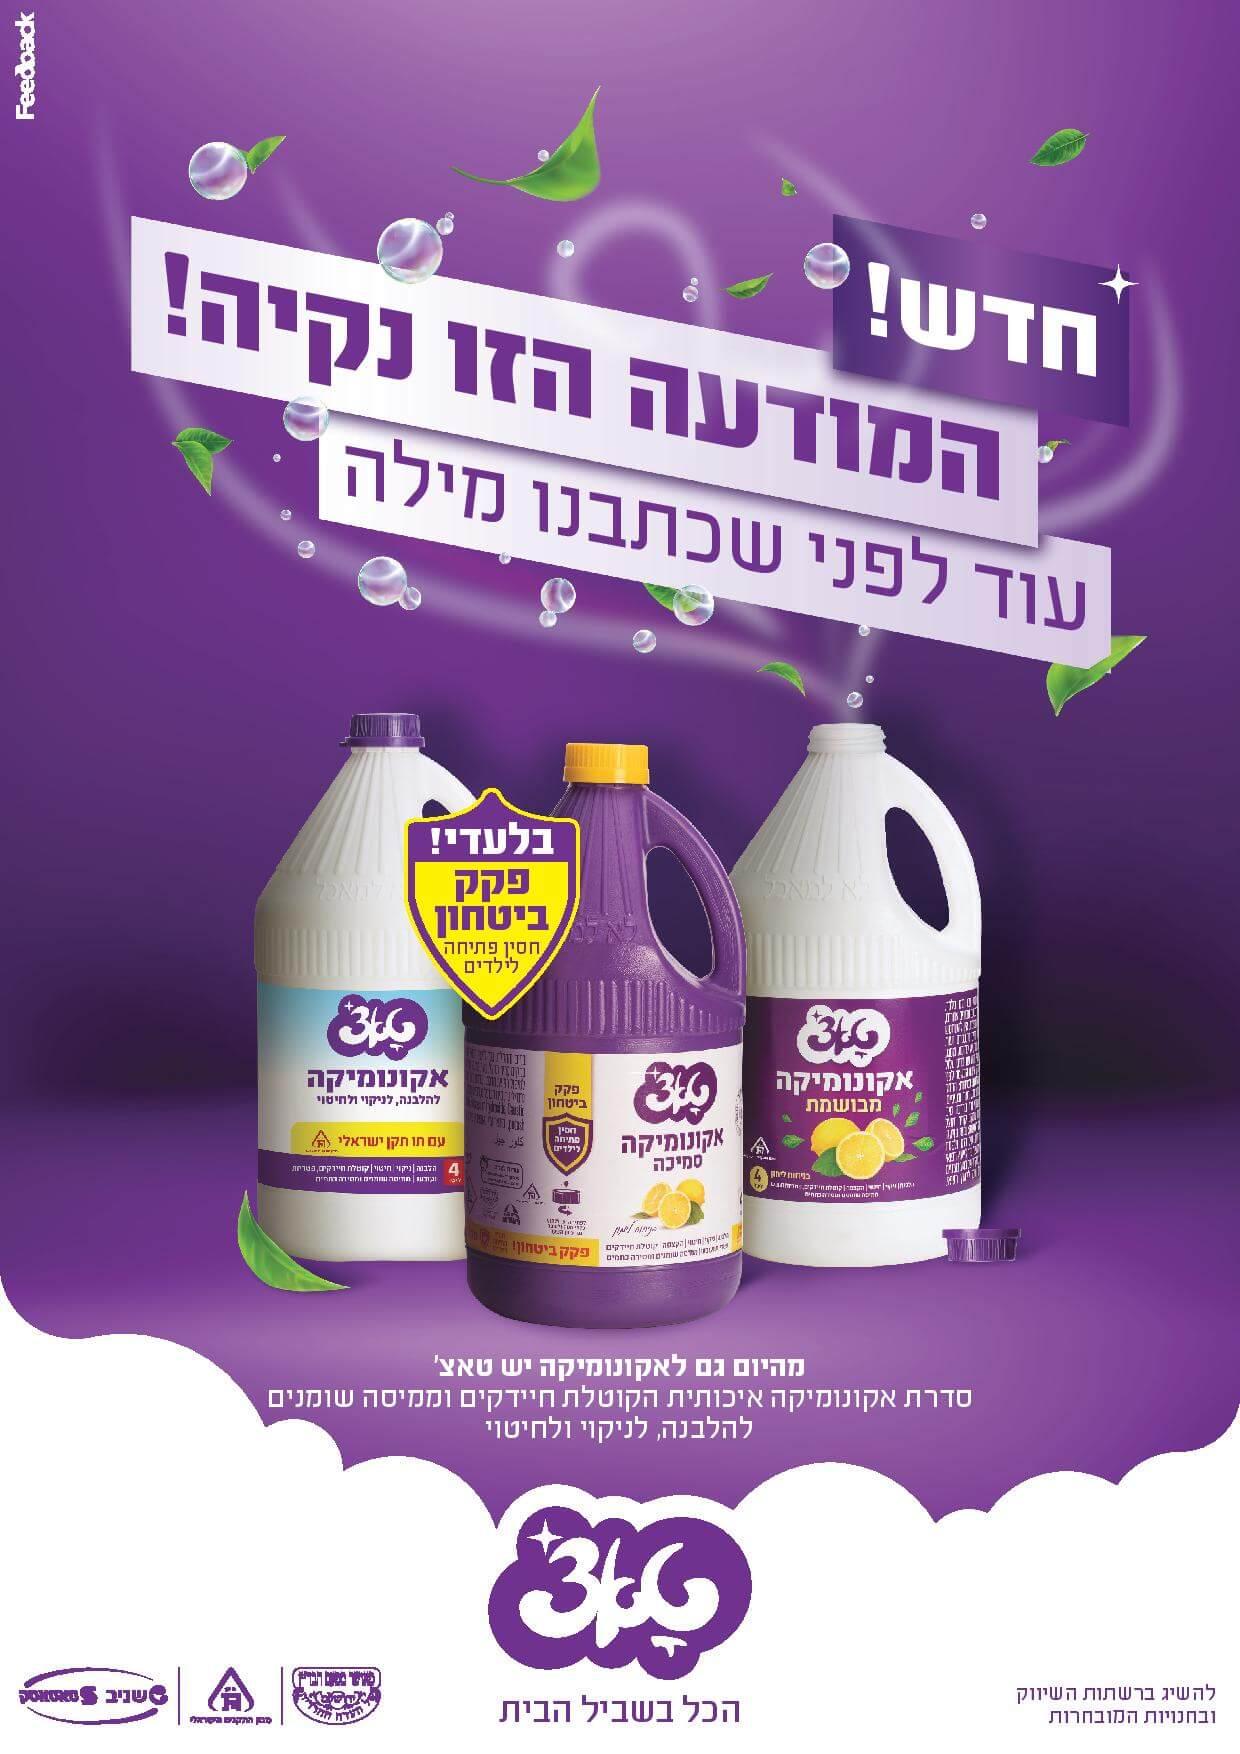 הכירו את המותג הישראלי שמתרחב ומתחרה במותגים הבינלאומיים 3